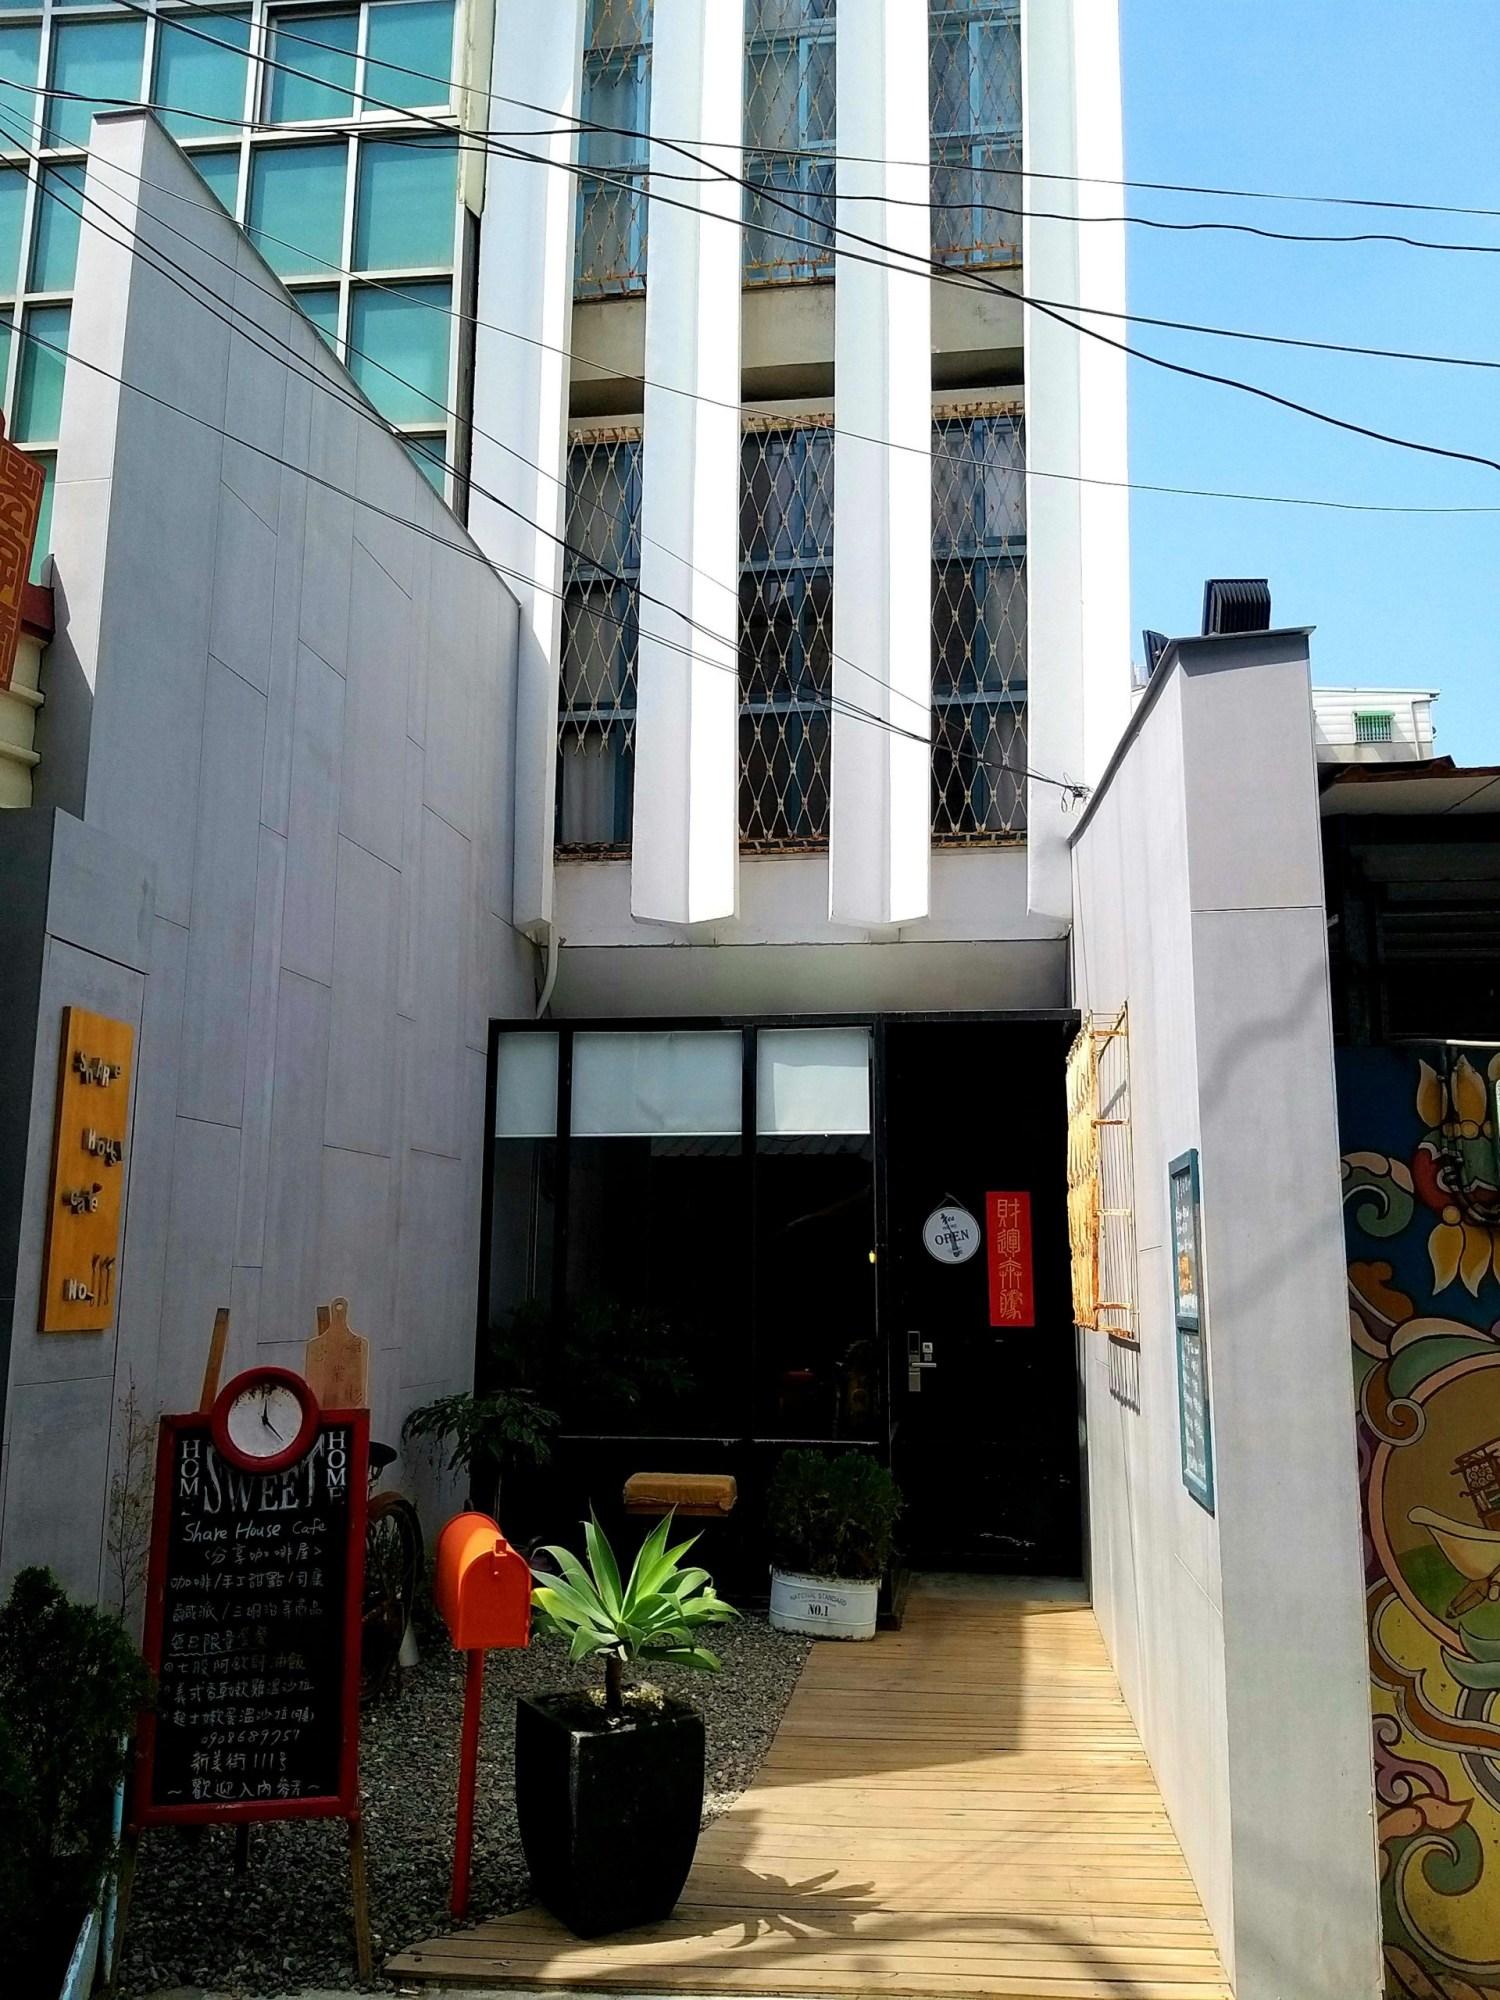 台南 新美街 開基武廟 Share House Cafe 咖啡館結合民宿的複合空間